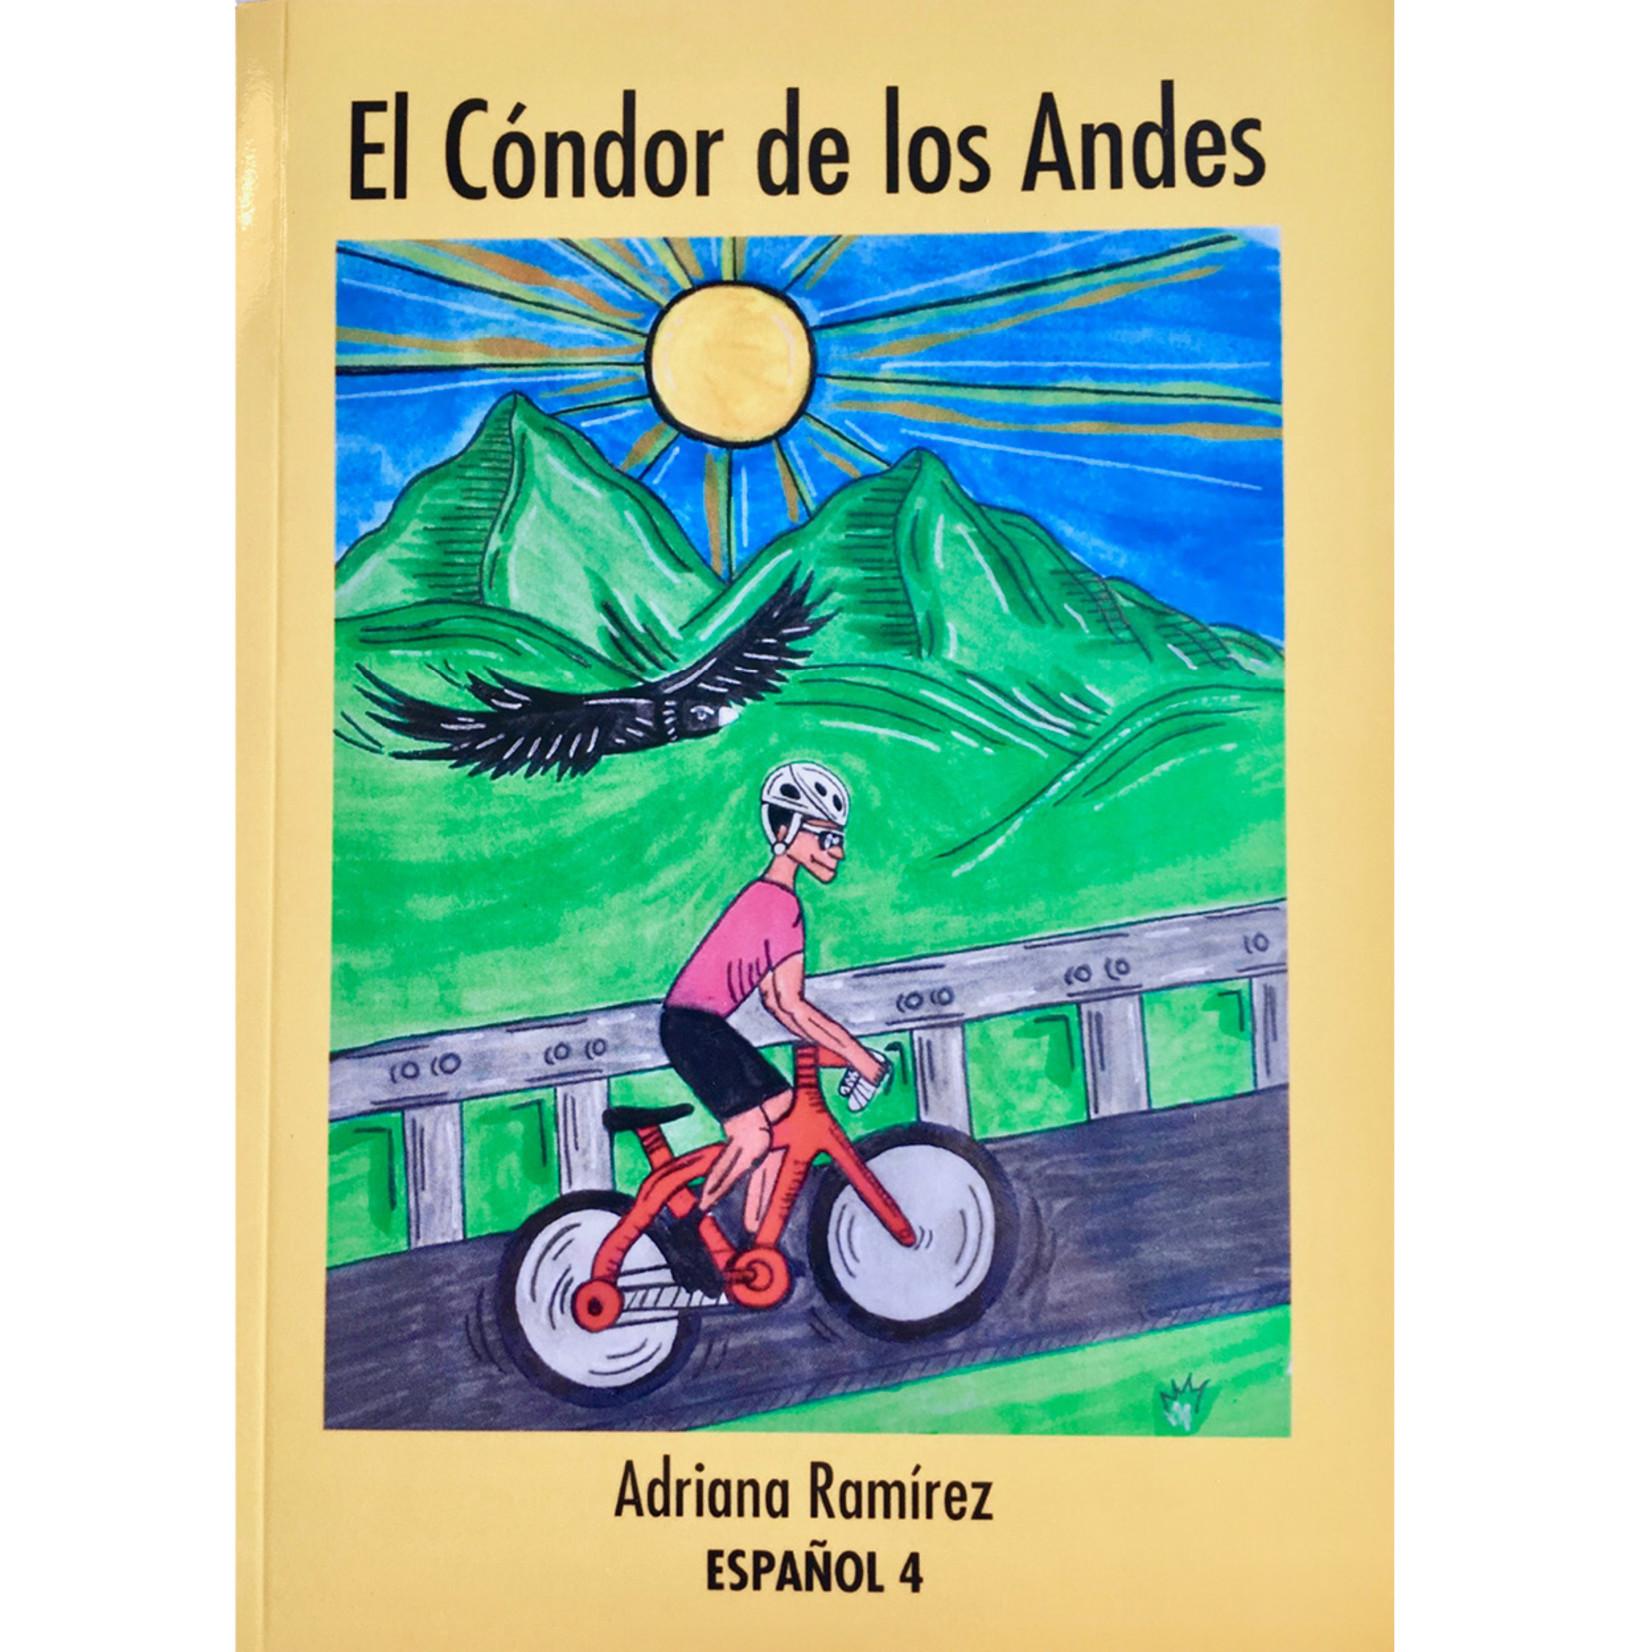 Adriana Ramirez El Cóndor de los Andes